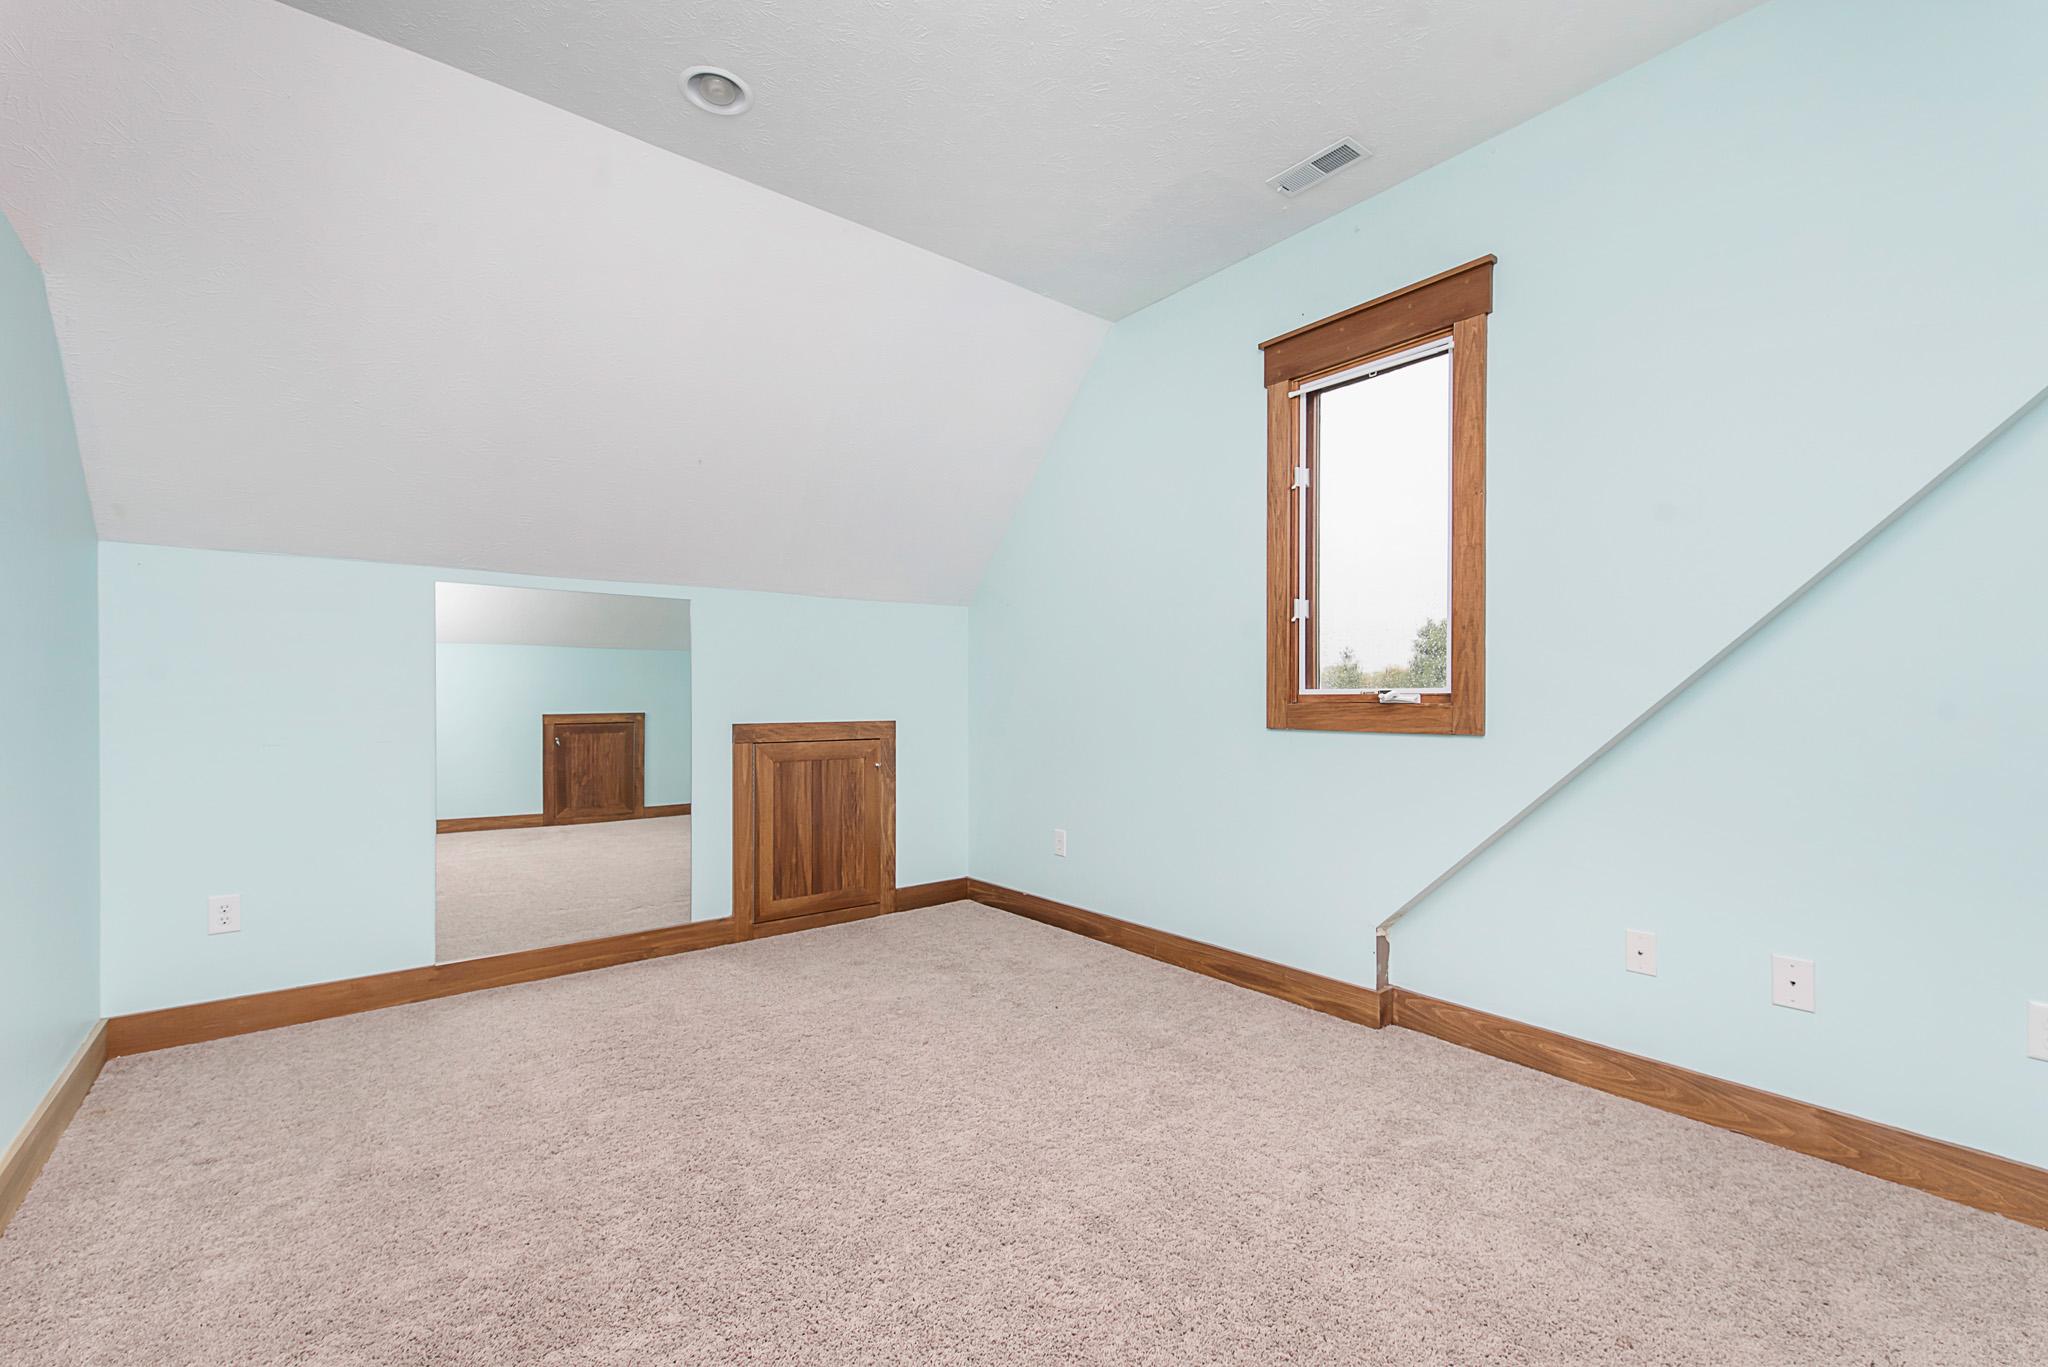 31_Bonus Room.jpg